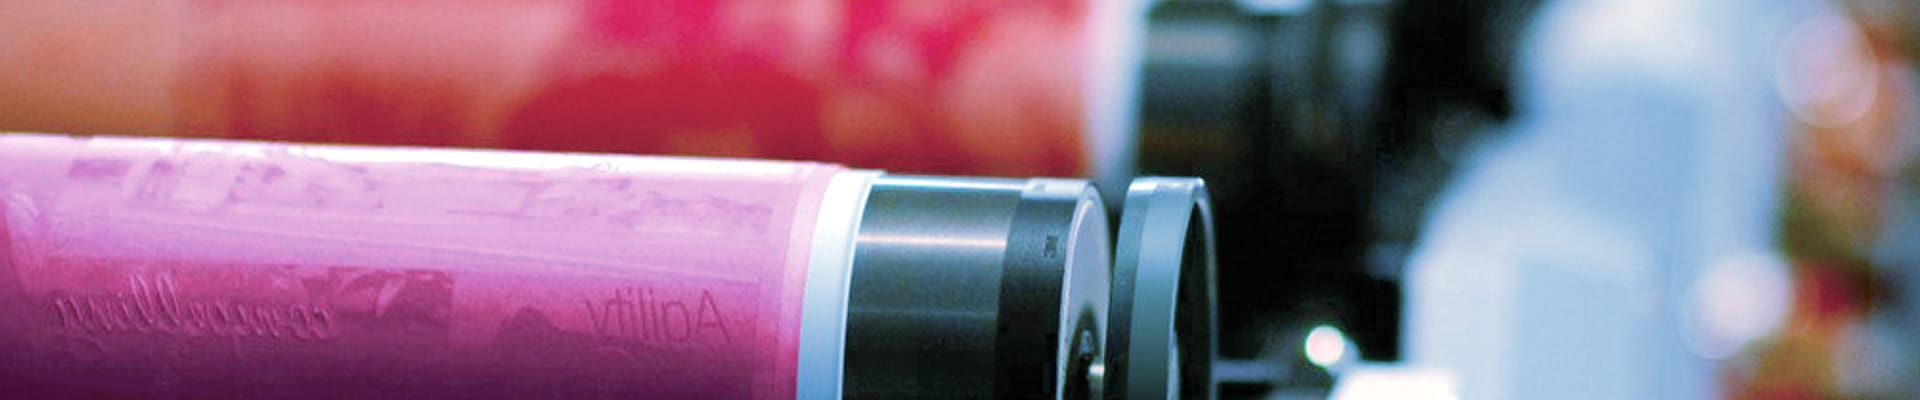 Dupont-Cyrel-plates-offering-SLIDE